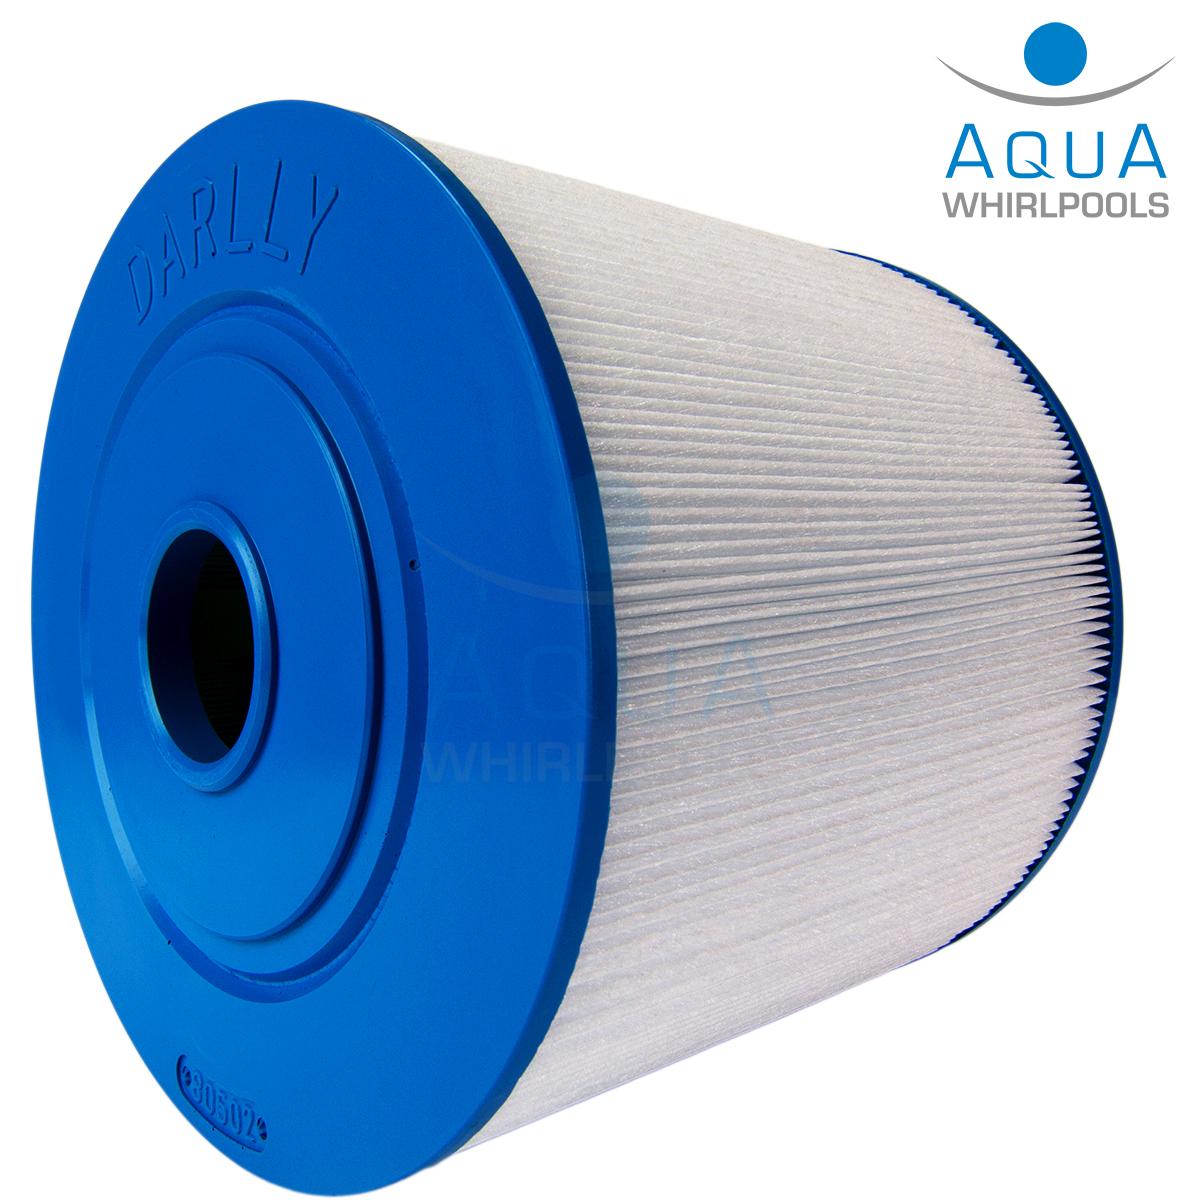 210 mm 219 mm filter nach durchmesser whirlpool - Aqua whirlpools ...